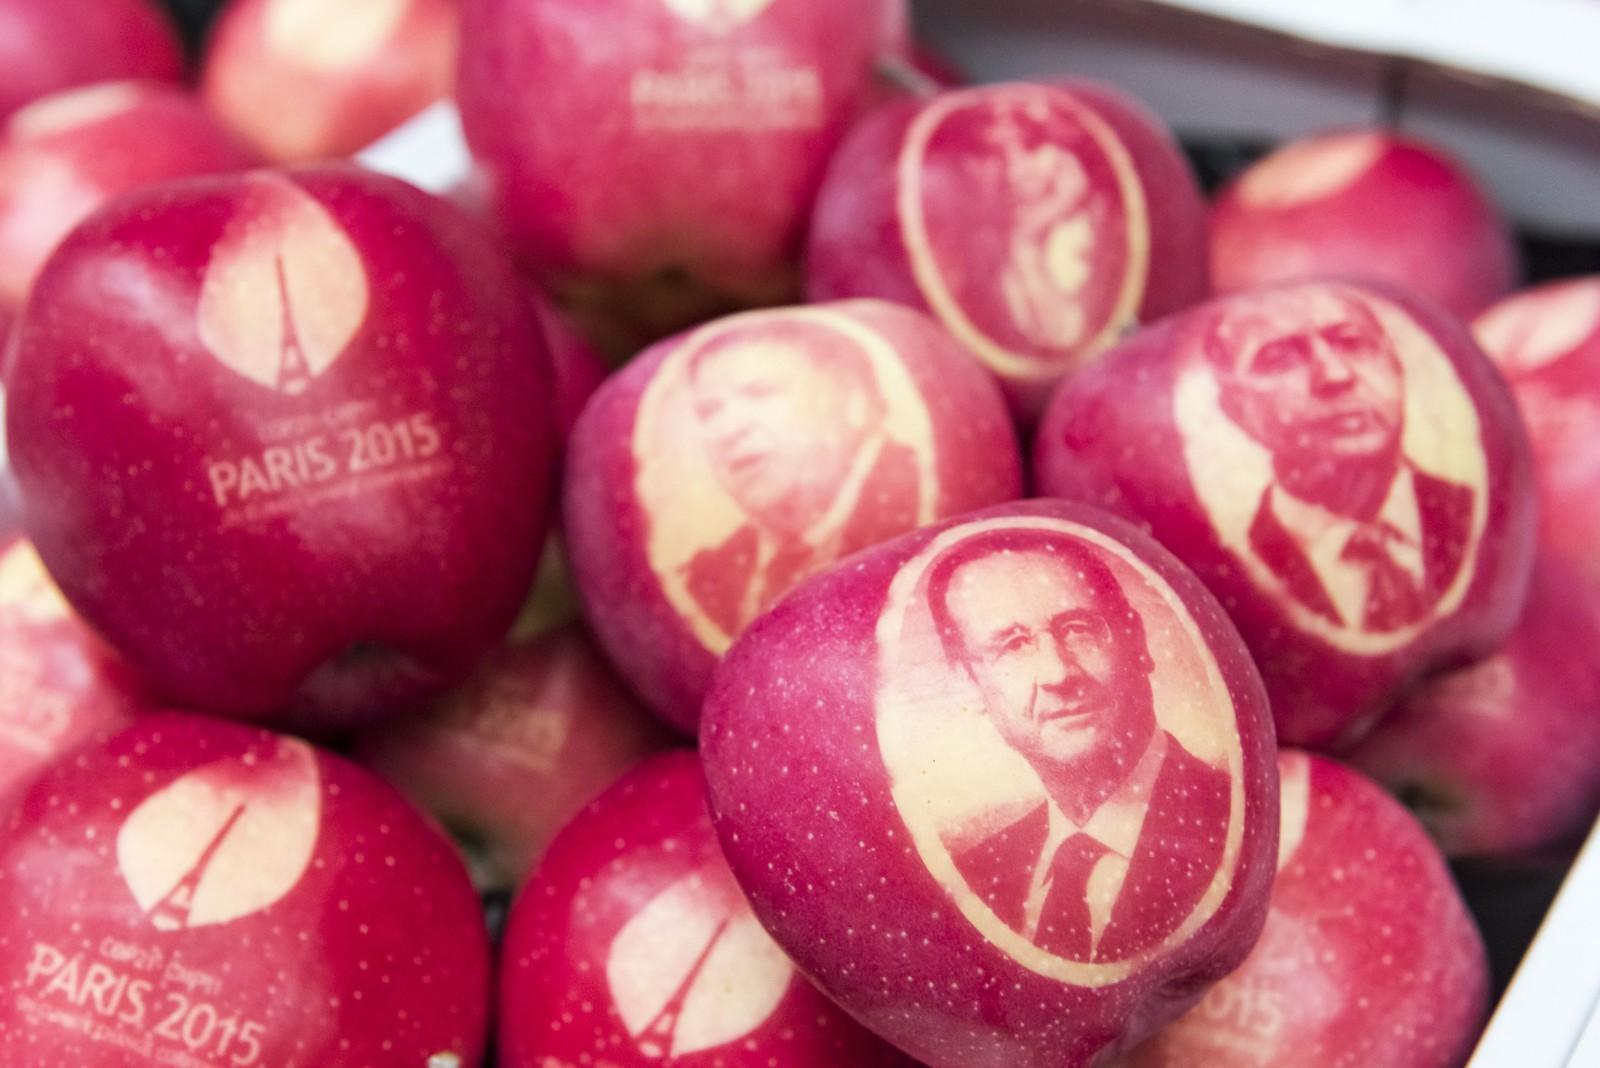 Det nærmer seg klimamøte i Paris, og disse eplene med blant annet statsledere på, er allerede på plass. De vil bli delt ut til verdensledere som skal delta på toppmøtet.